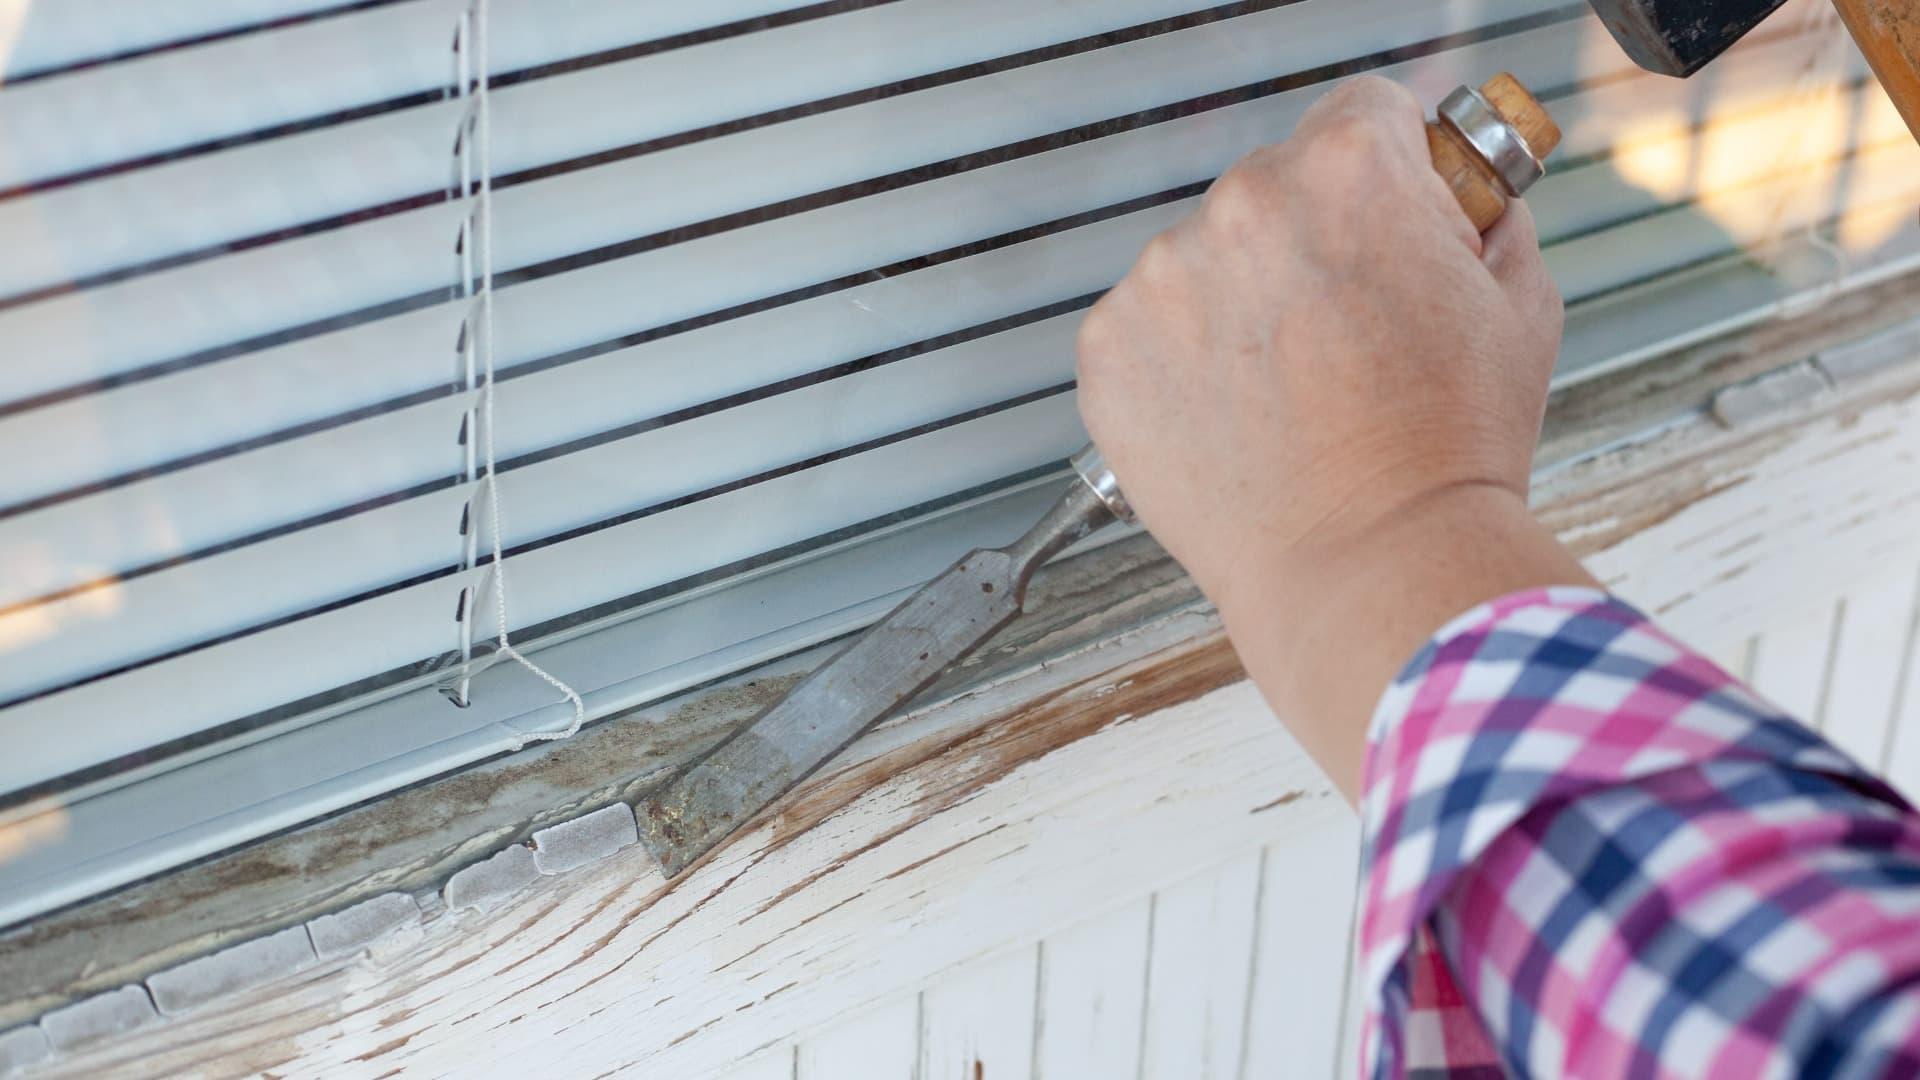 Rénovation de joint ou de mastic d'un vitrage